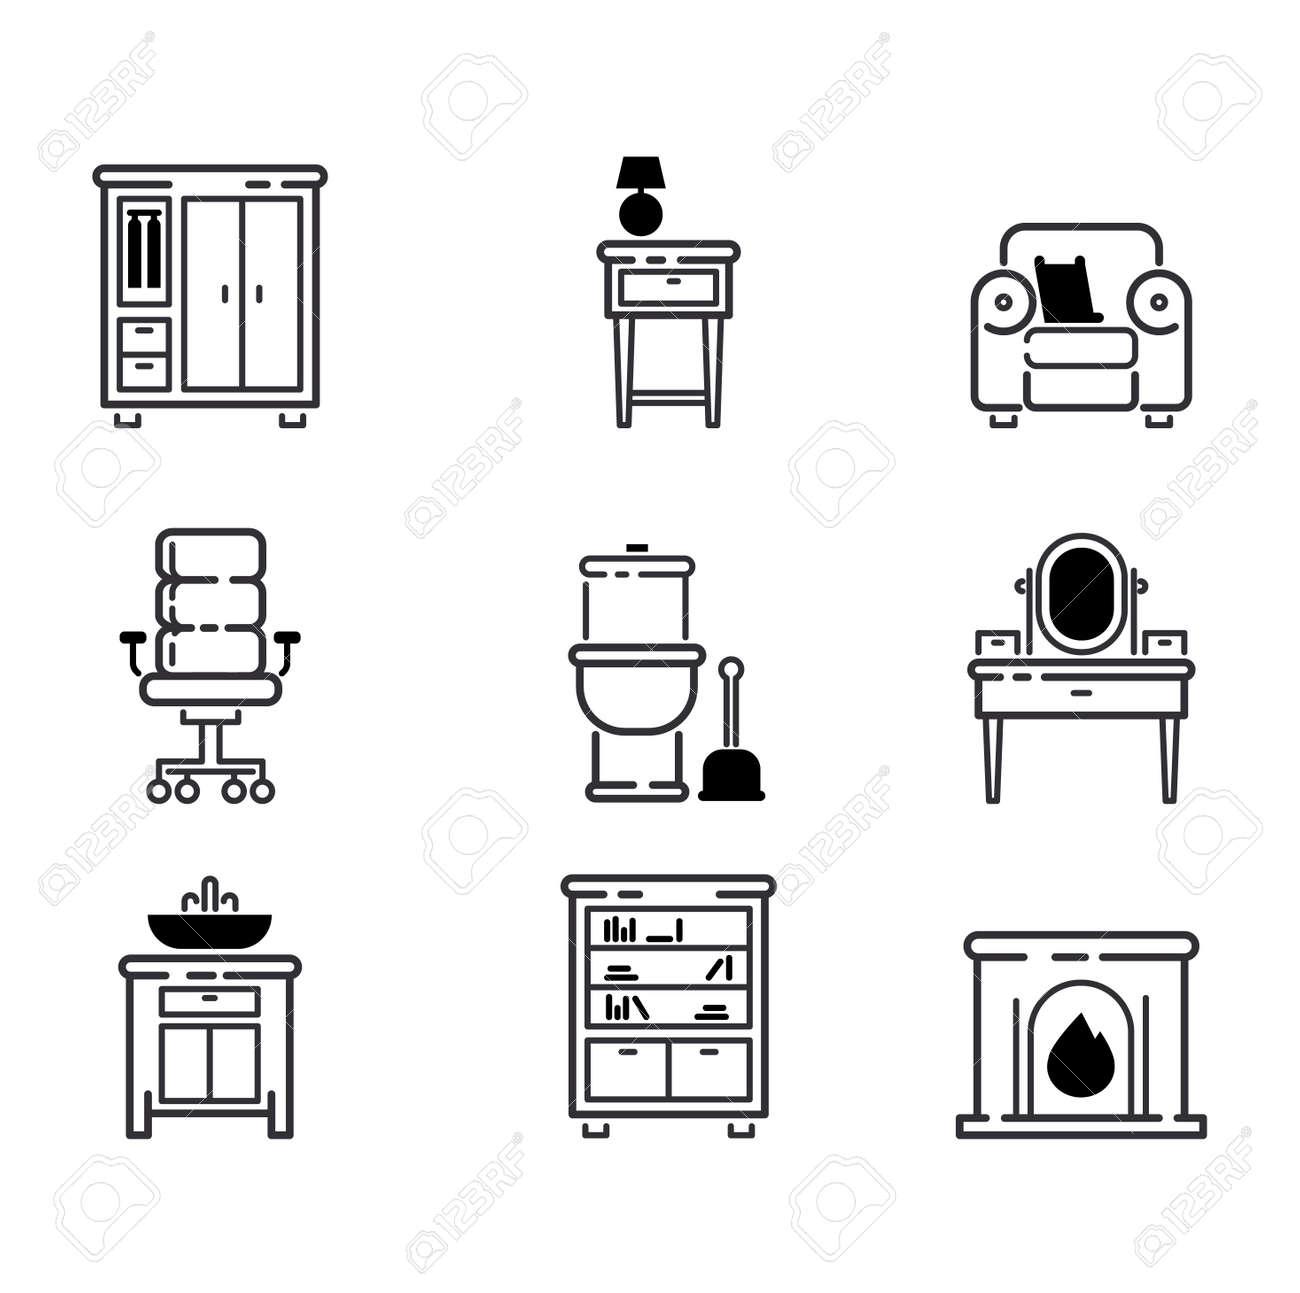 Banque dimages meubles et décoration de la maison icon set vector illustration armoire intérieure bibliothèque de lespace intérieur mobilier de bureau